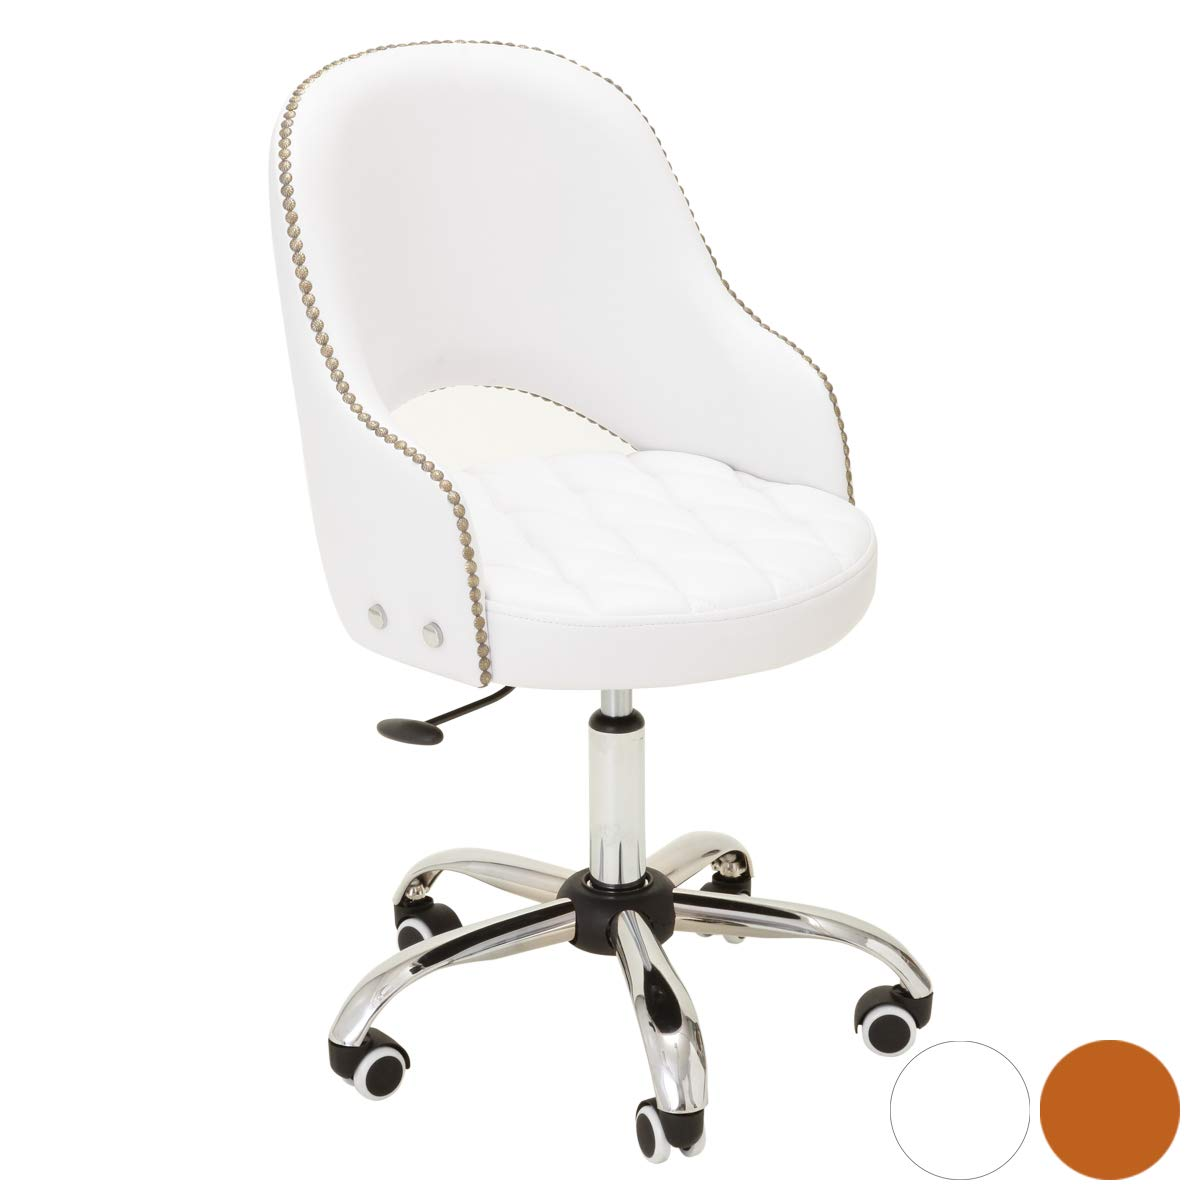 クラシカルチェア 幅47cm×奥行45cm×高さ82cm~92cm ホワイト [ エステスツール ネイルスツール ネイルチェア キャスター付き 背もたれ付き 昇降式 オフィスチェア スツール イス 椅子 チェア アンティーク クラッシック ]  ホワイト B01JRTYX0C